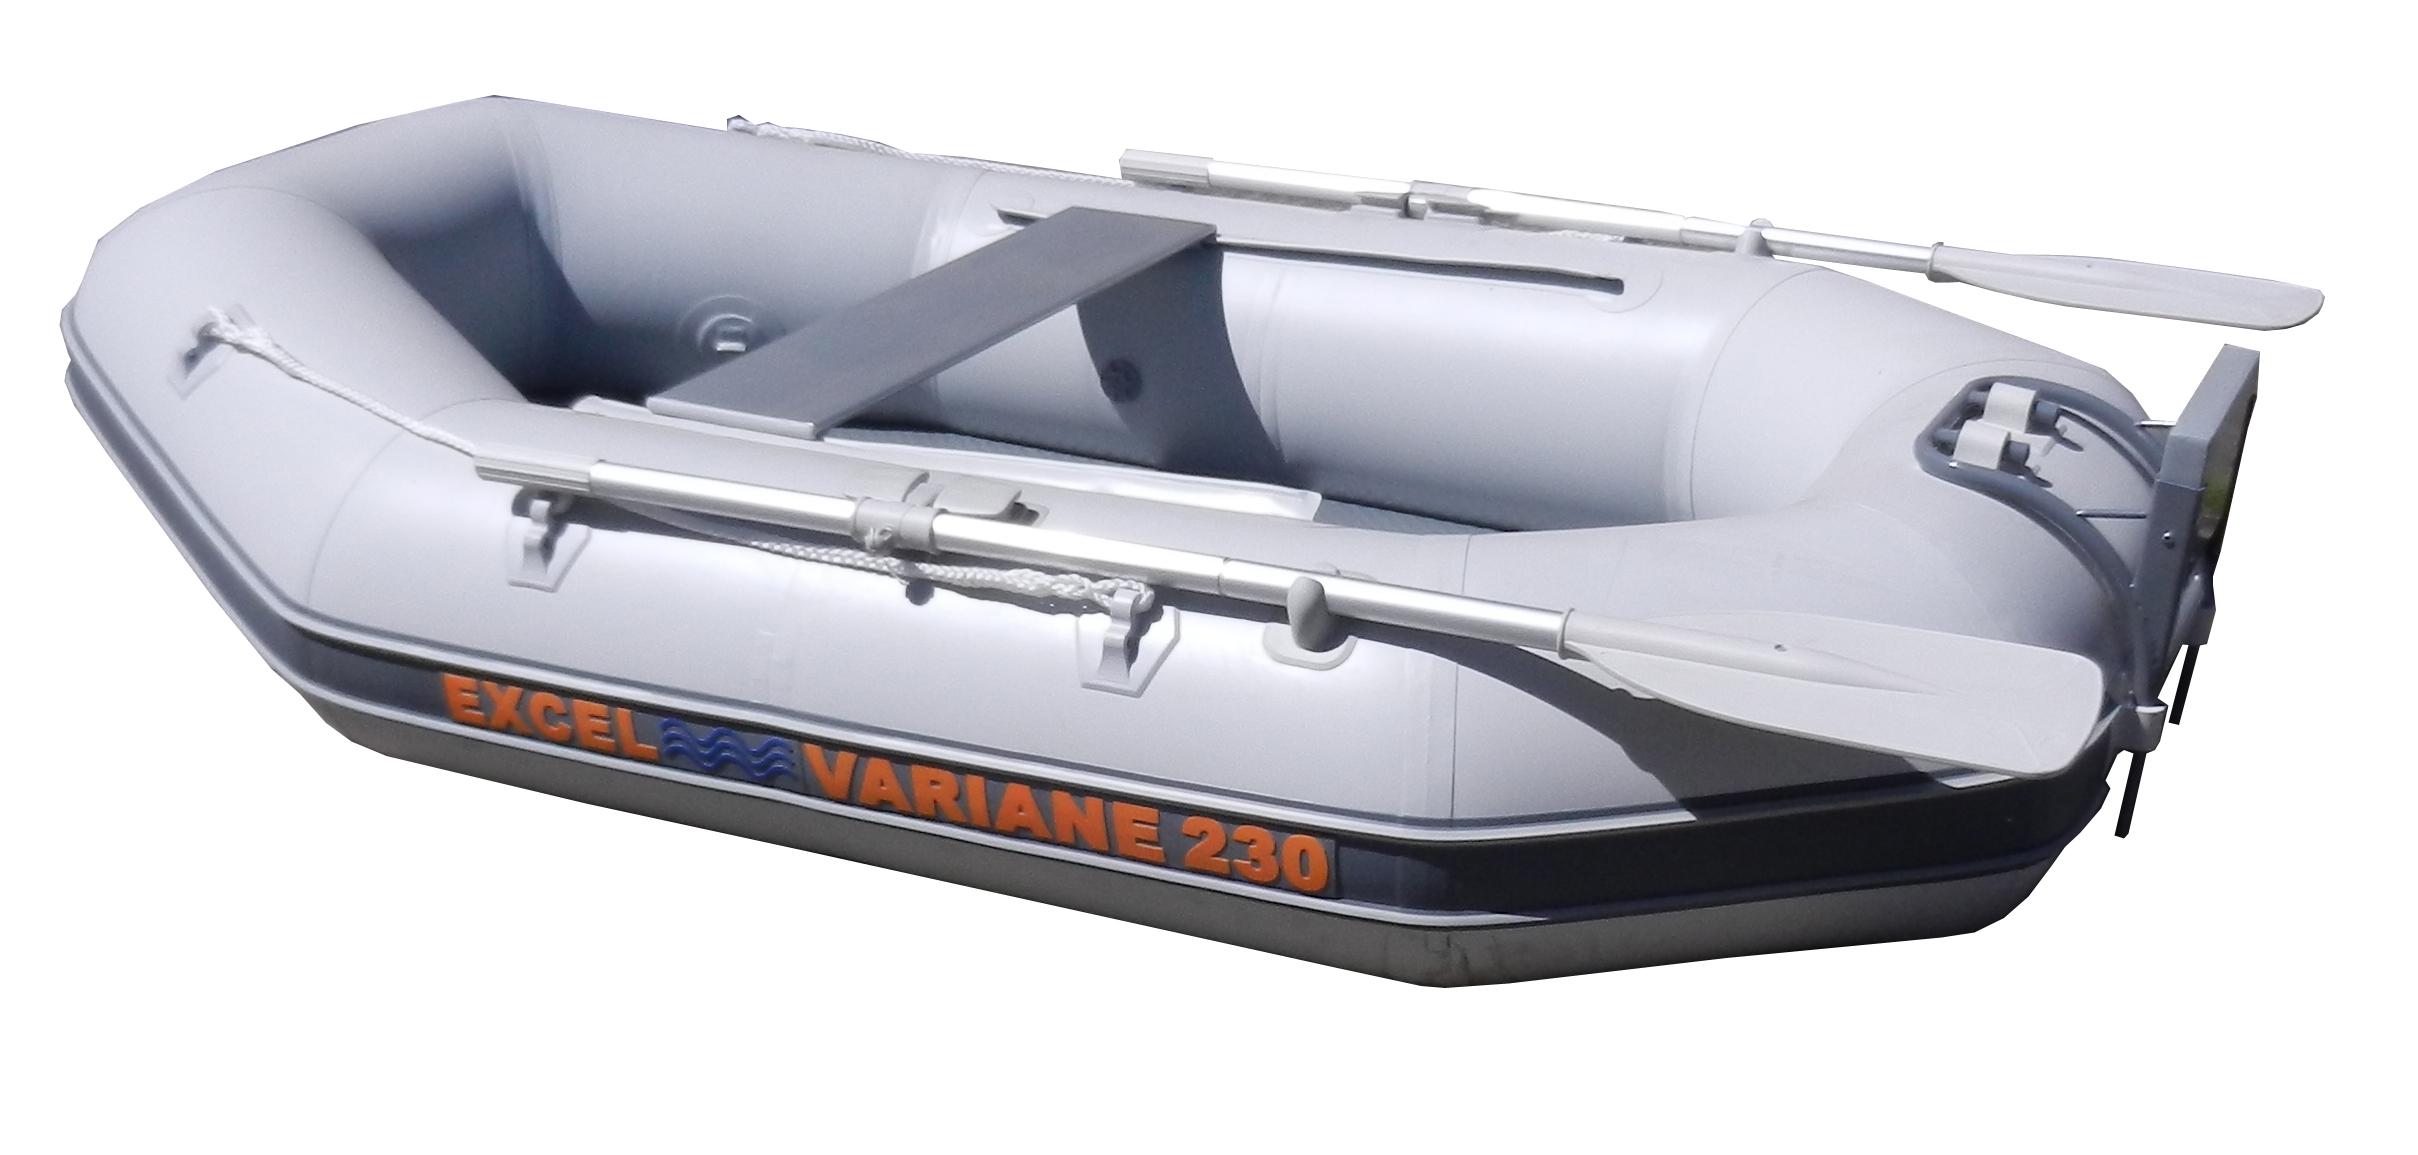 Variane-230